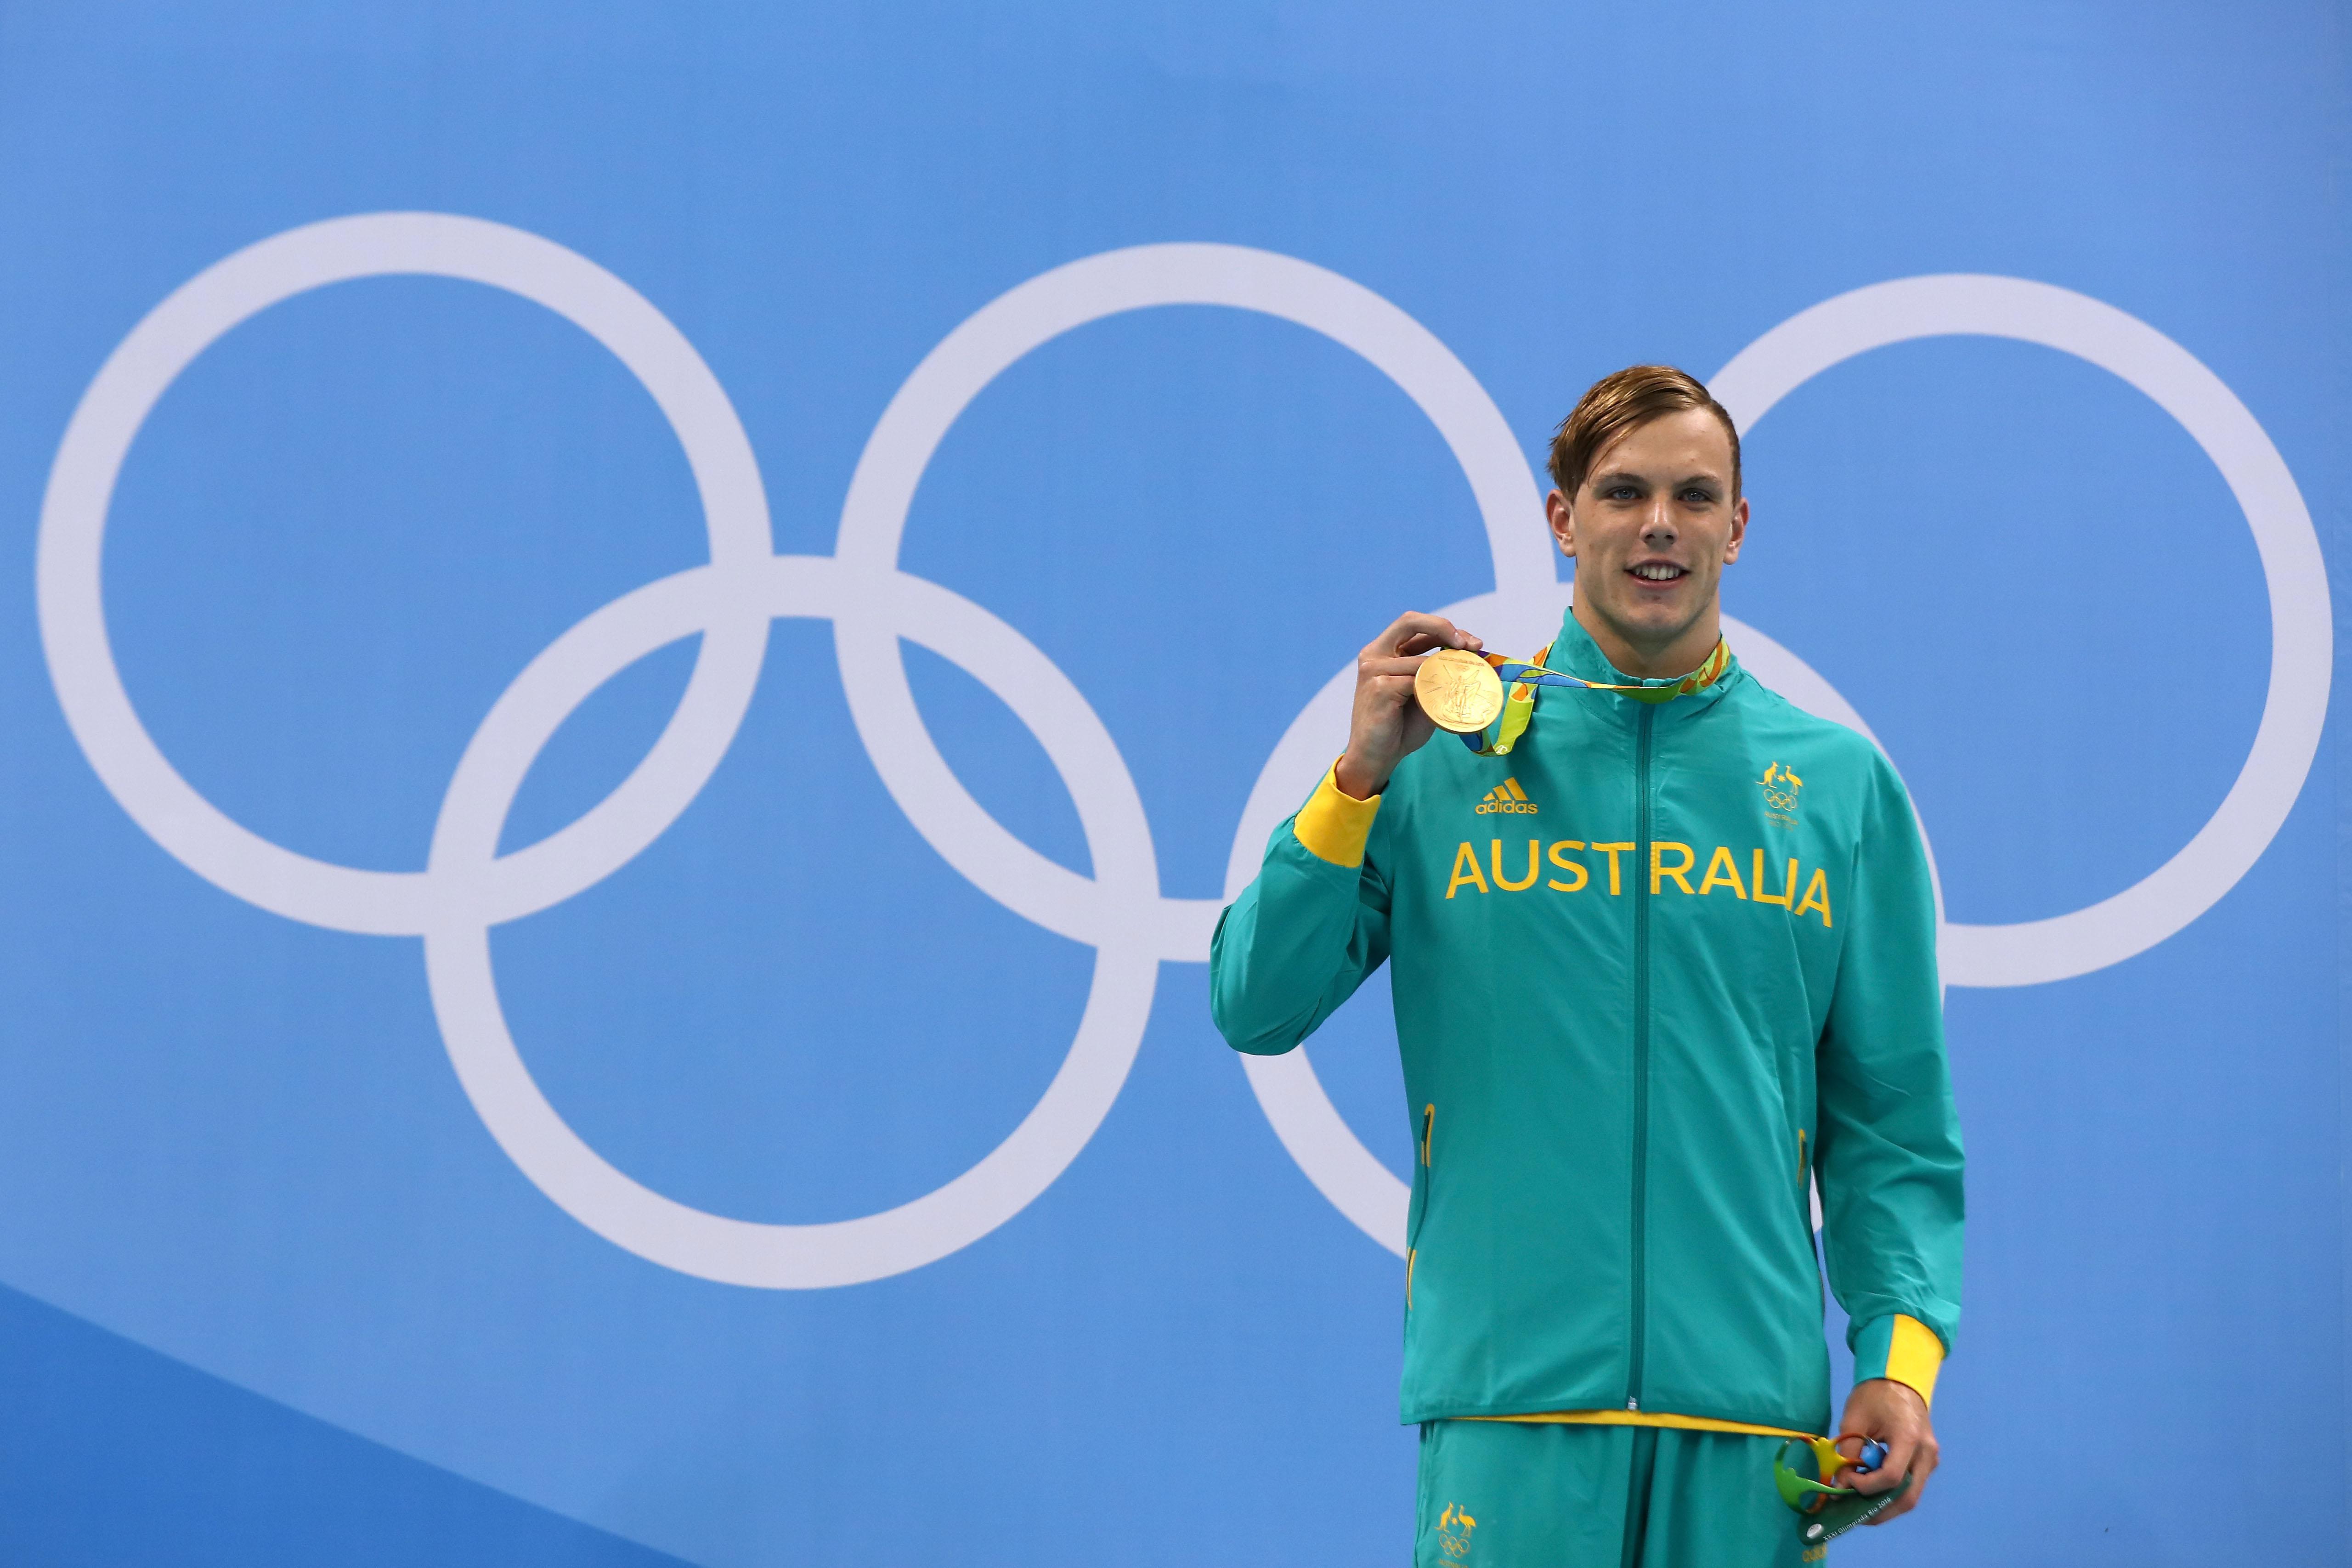 澳洲18歲泳將爆冷奪男子100米自由泳金牌